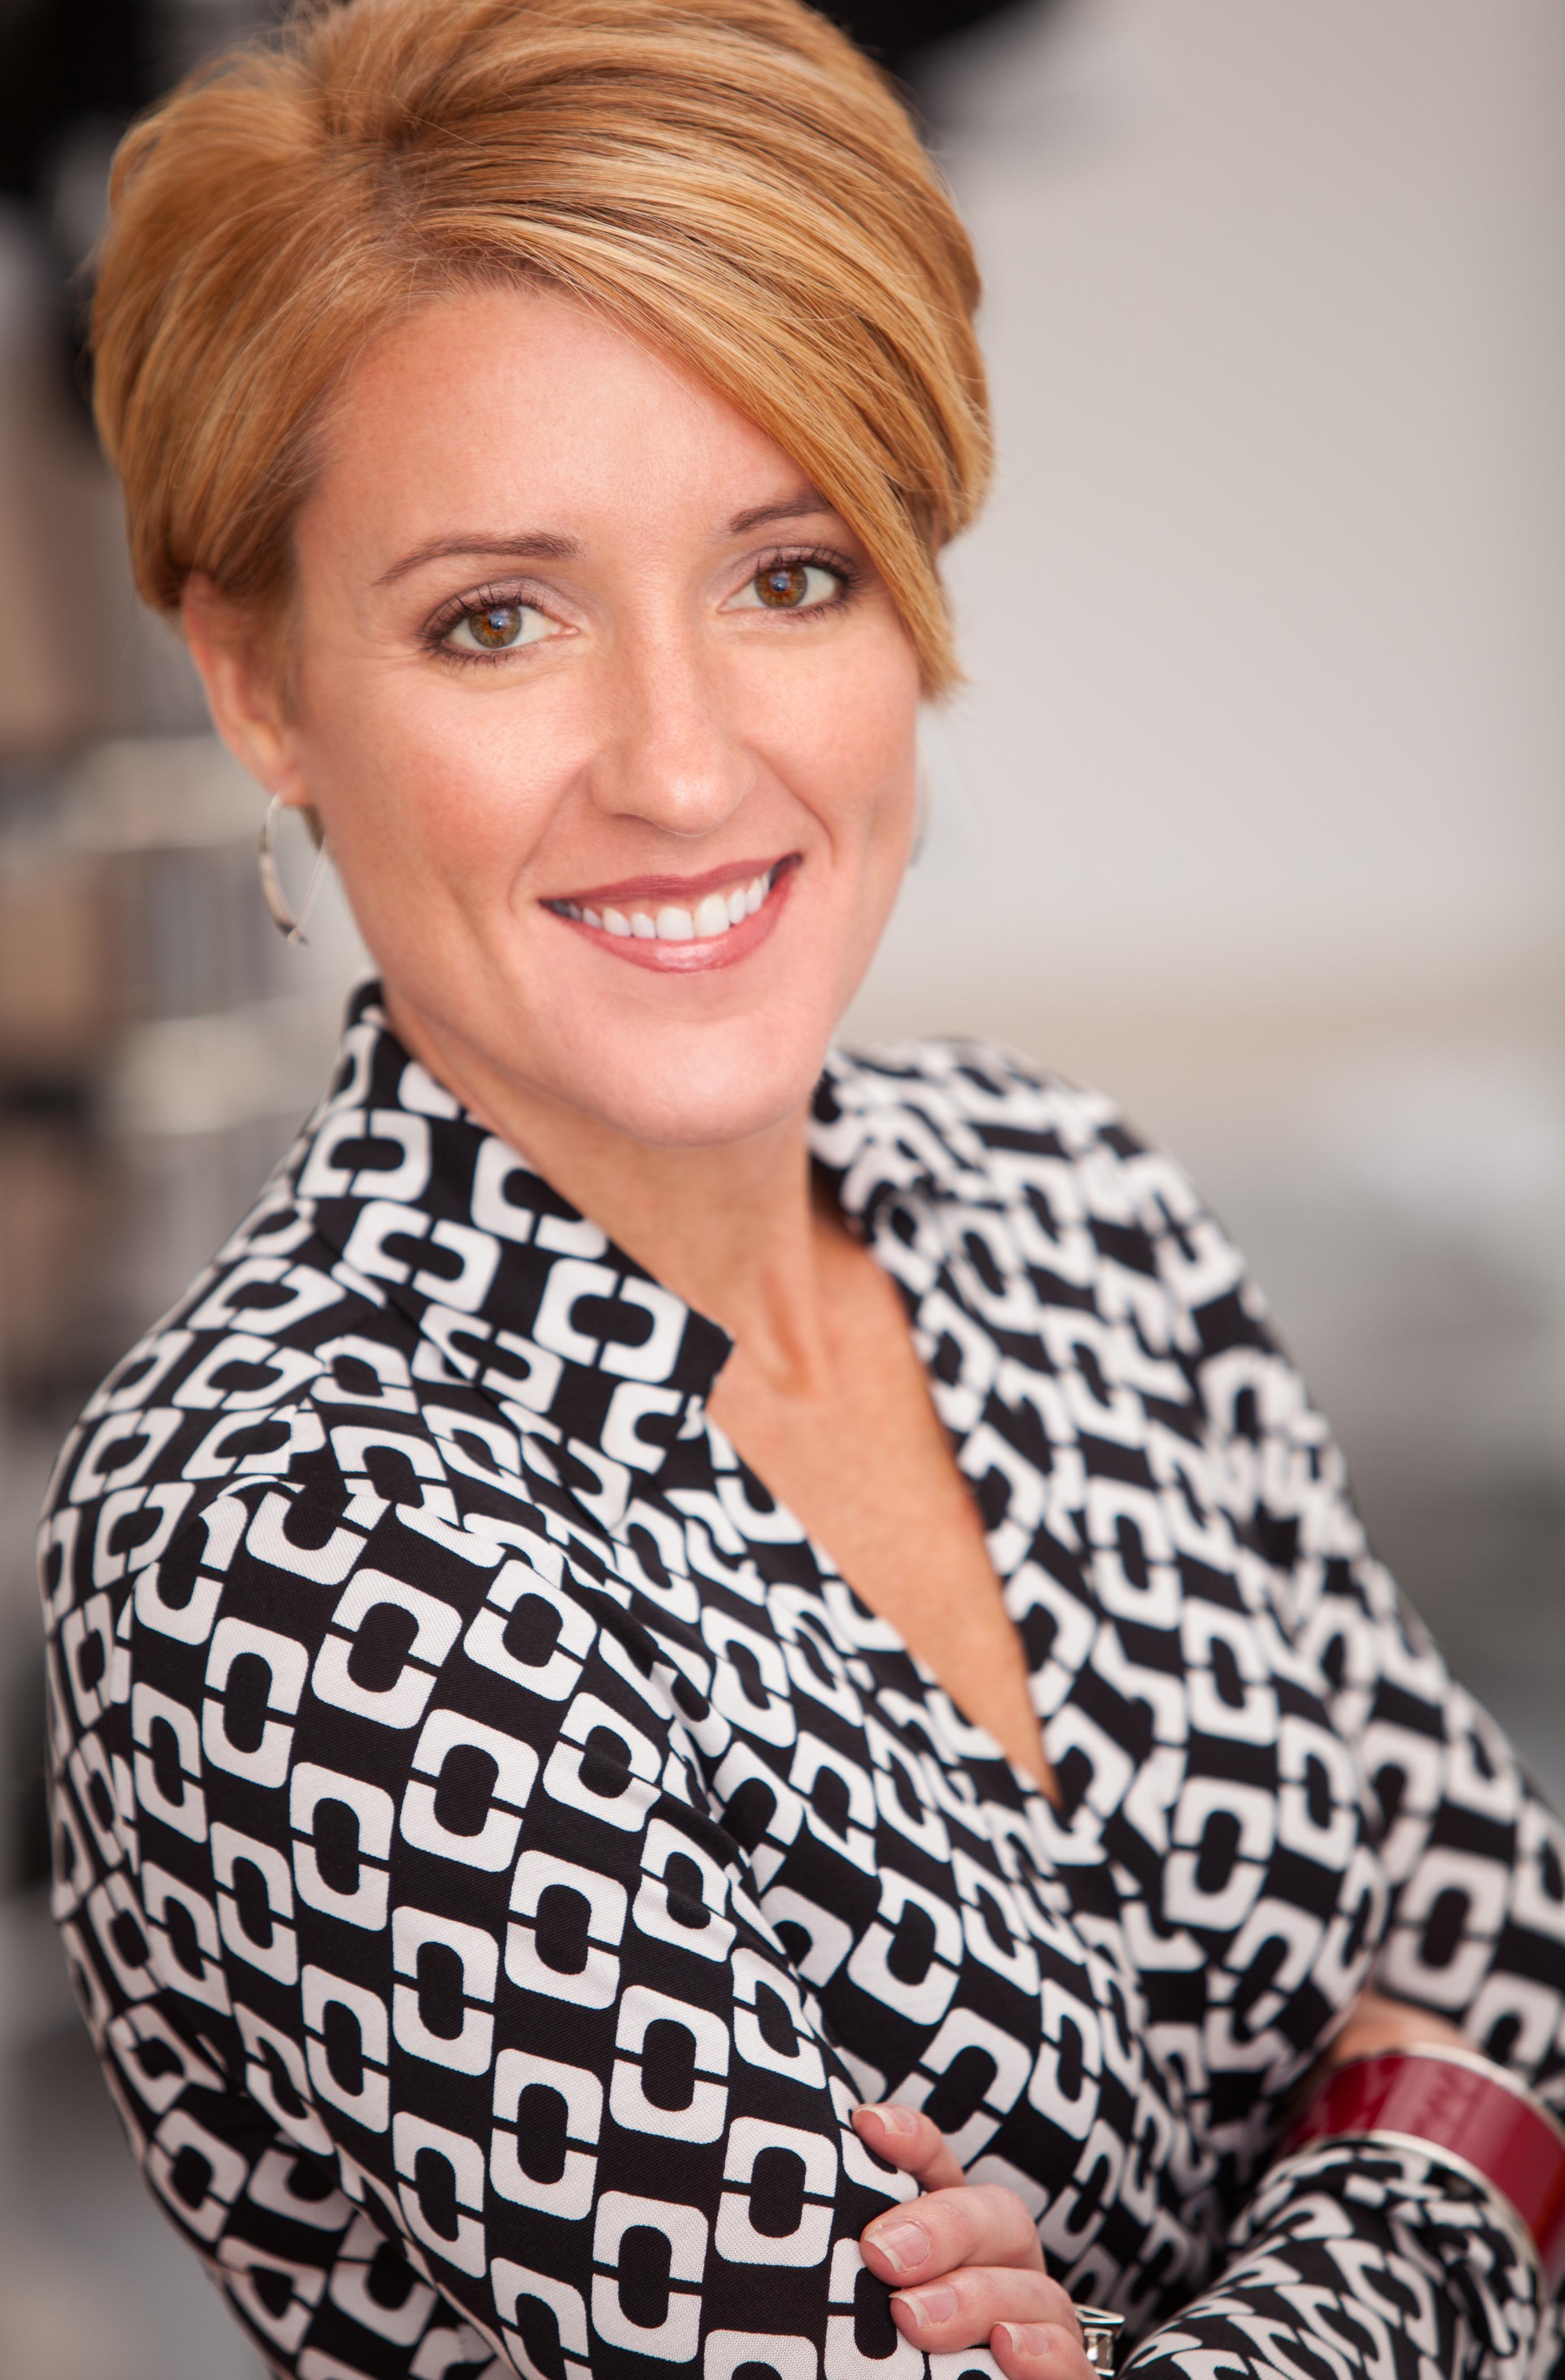 stress management for women expert Jenny Evans